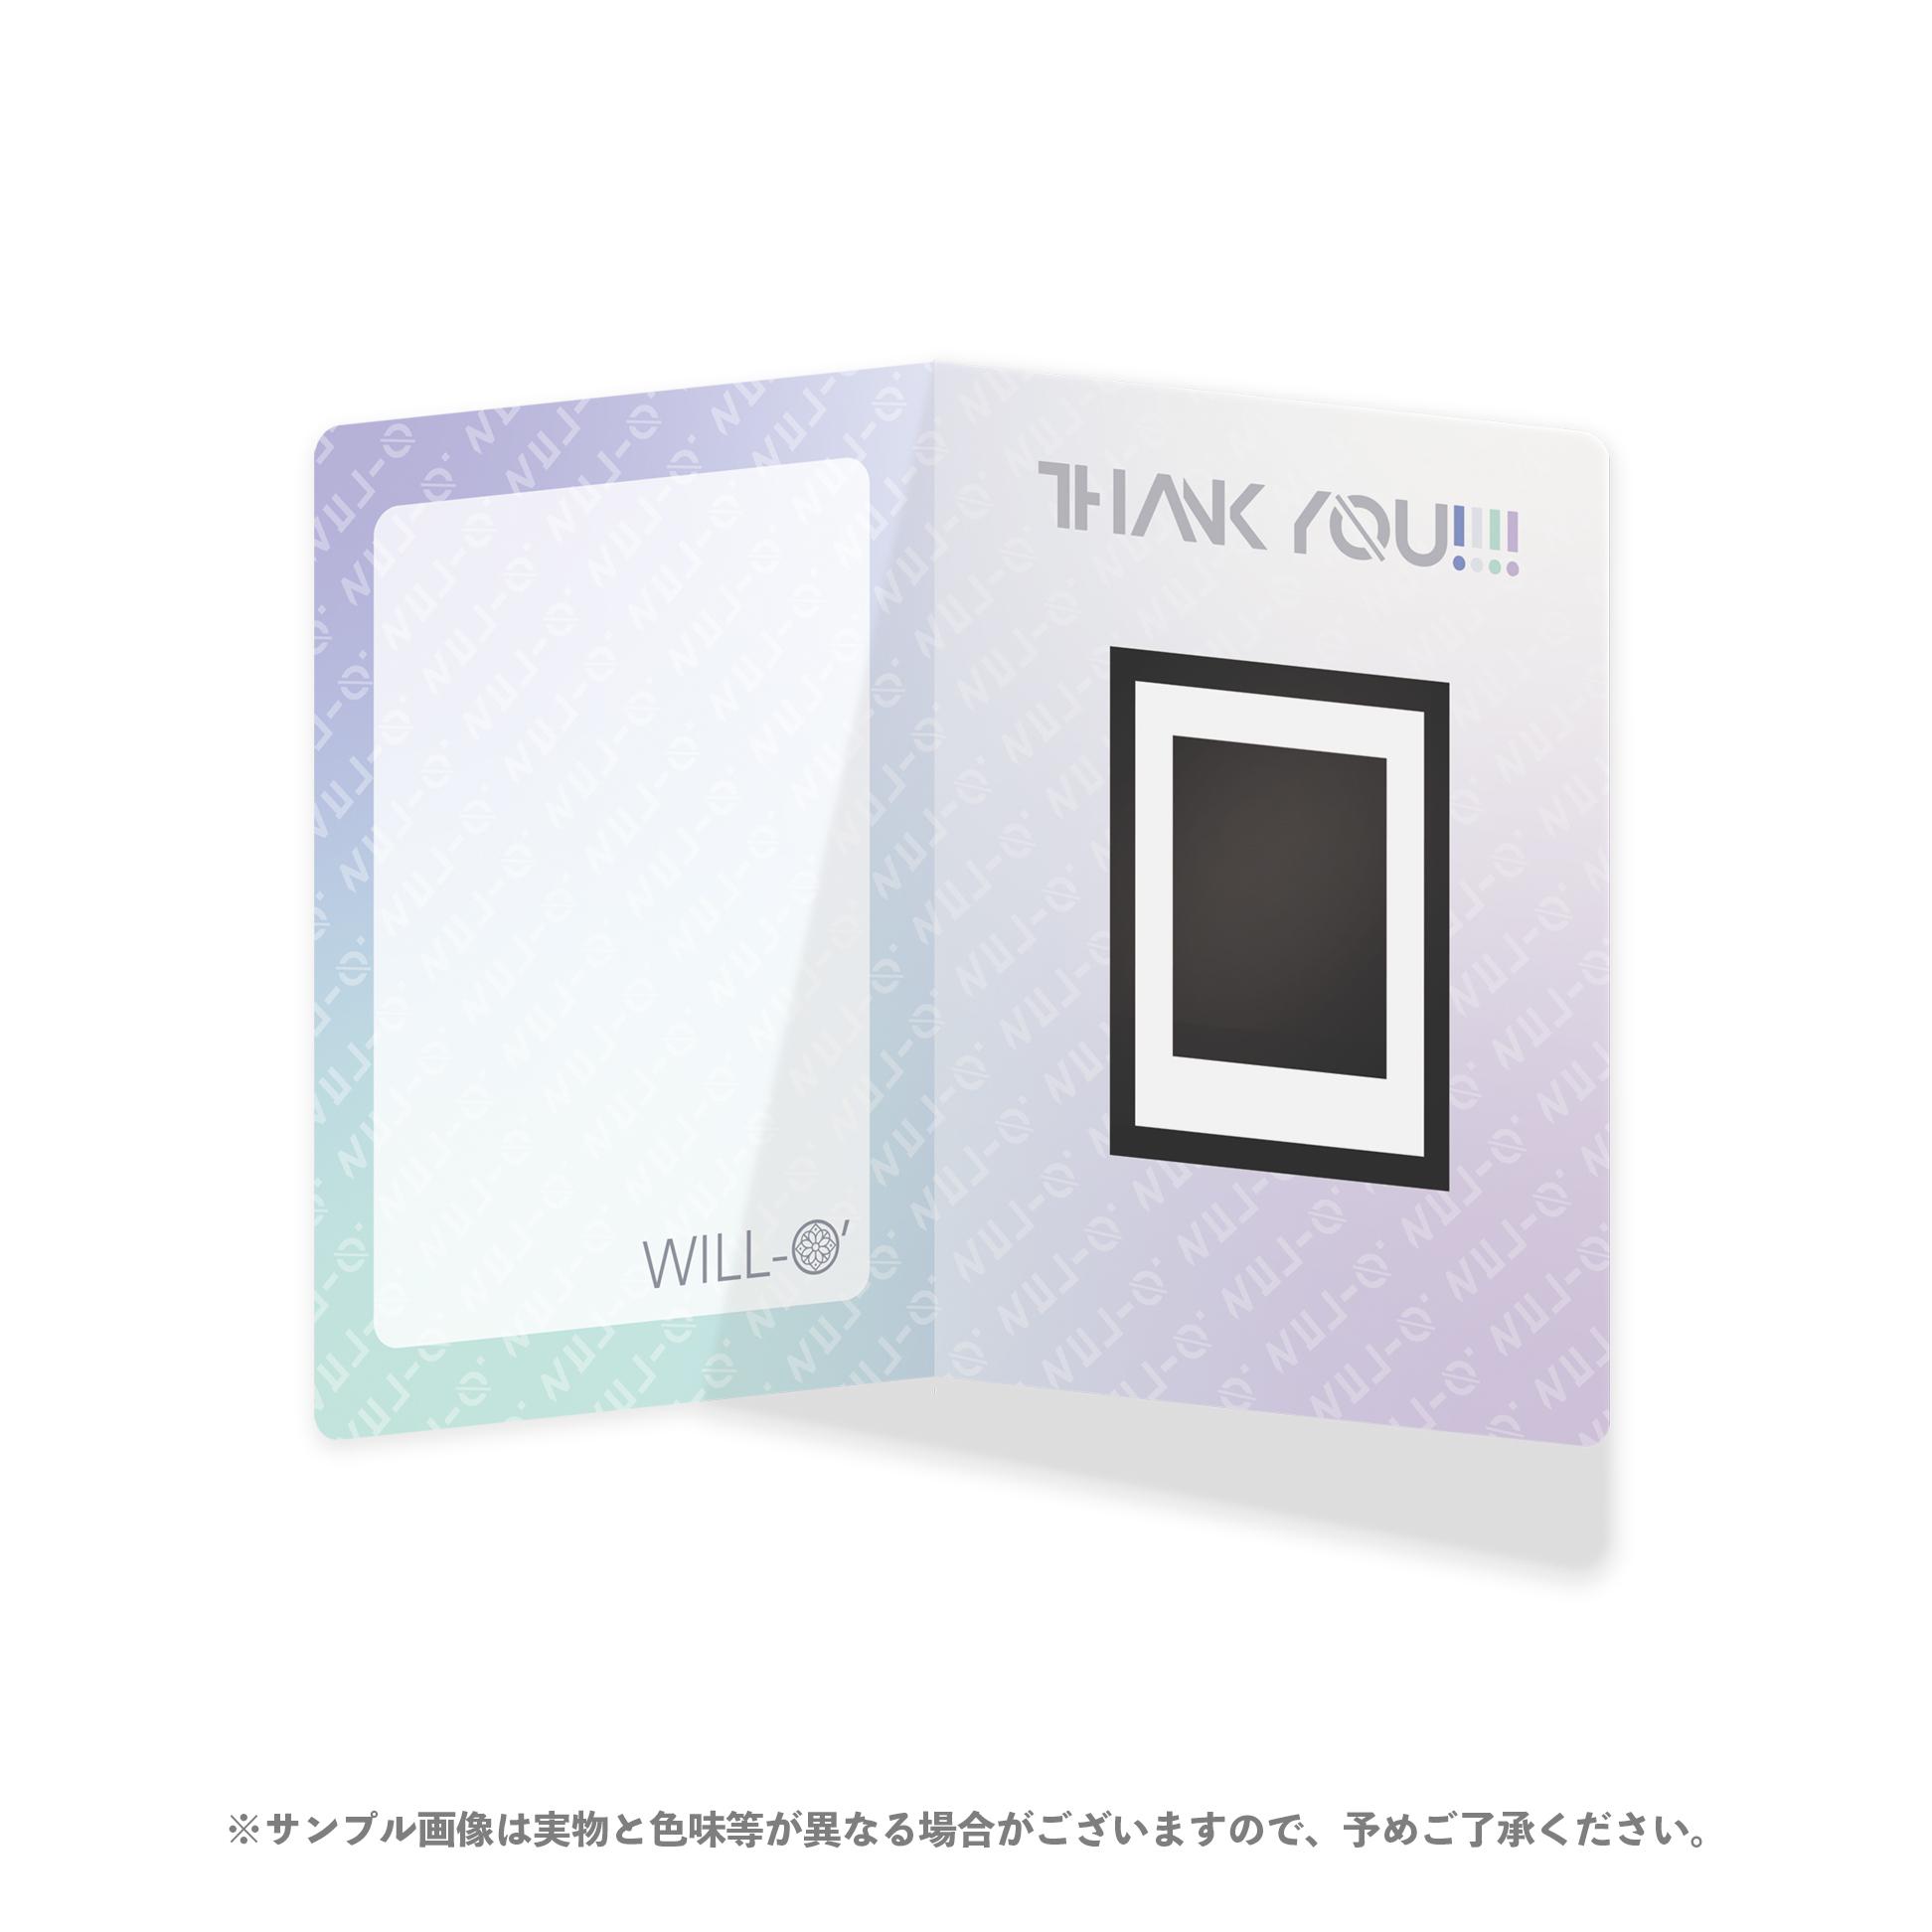 【榎本りょう】FC限定/特製カードボードつきソロチェキ(浴衣)